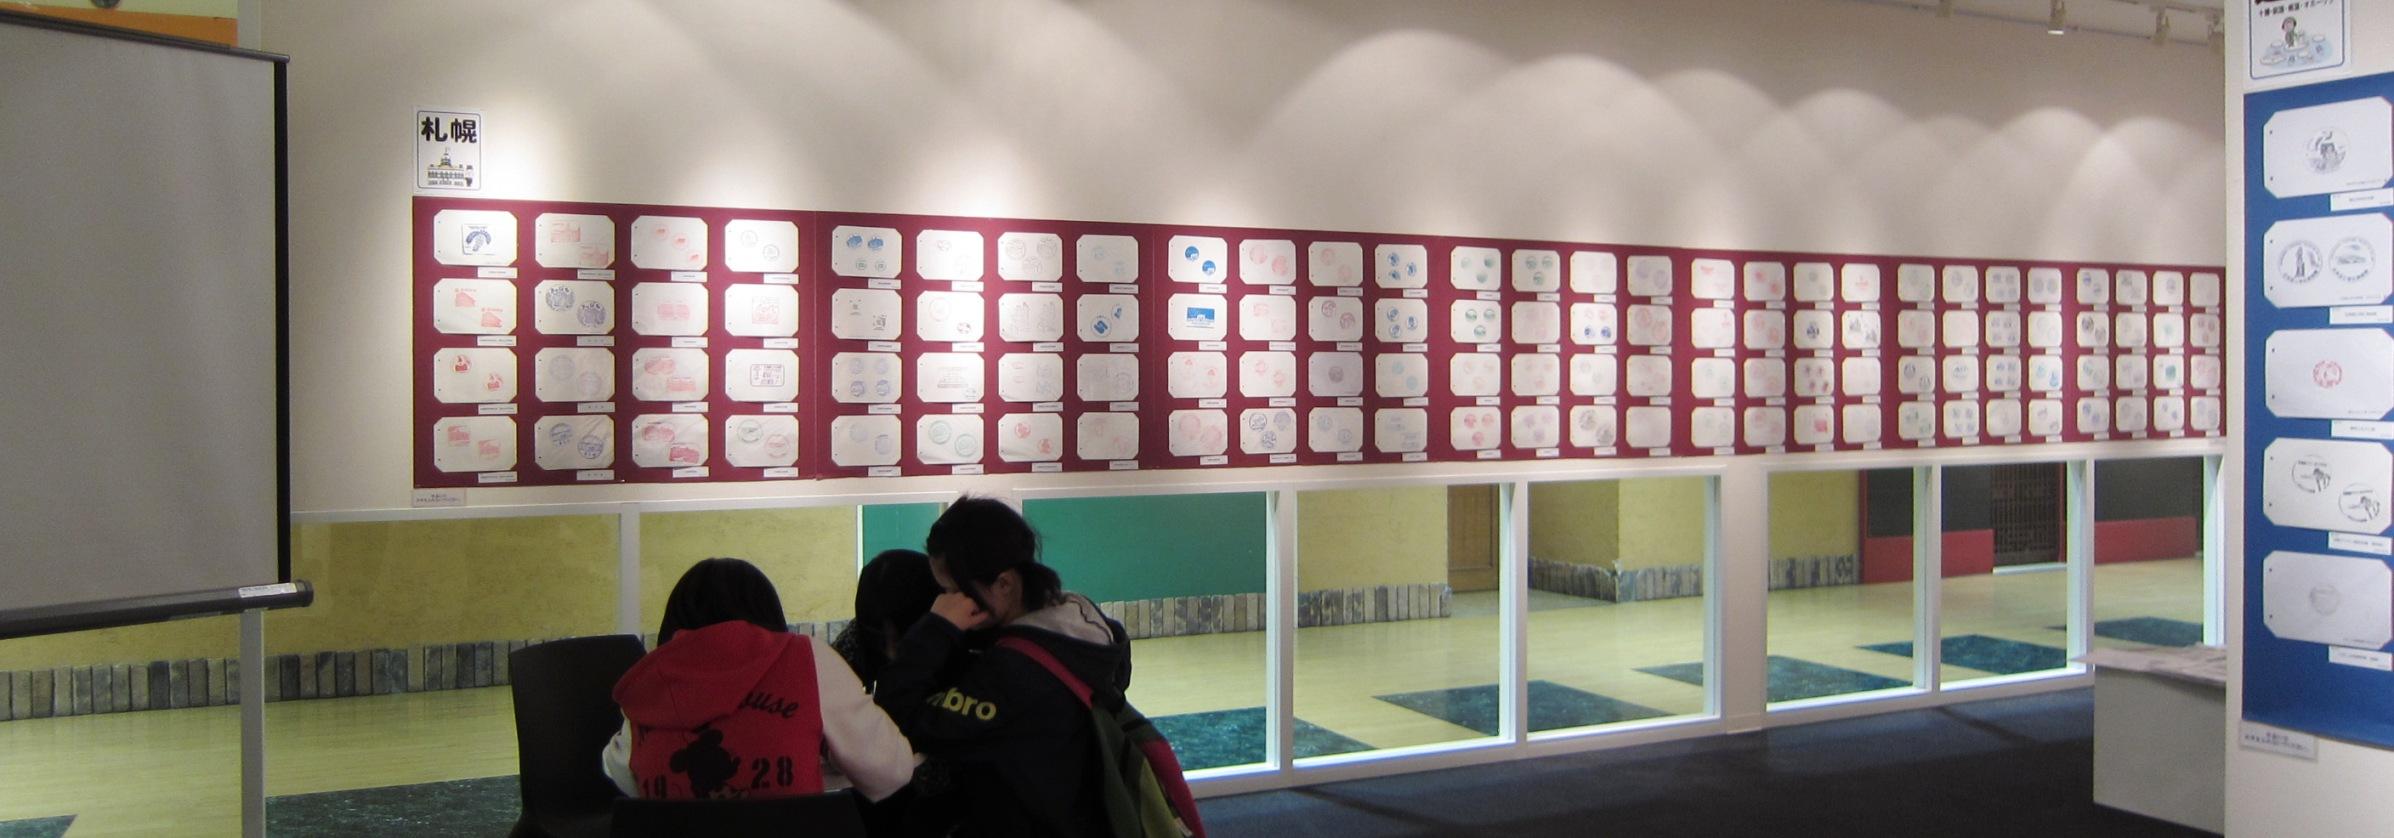 2037)「ミュージアム スタンプ展 ~ドクターコン コレクション~」 新さっぽろg. 5月1日(水)~5月13日(月)_f0126829_22292824.jpg